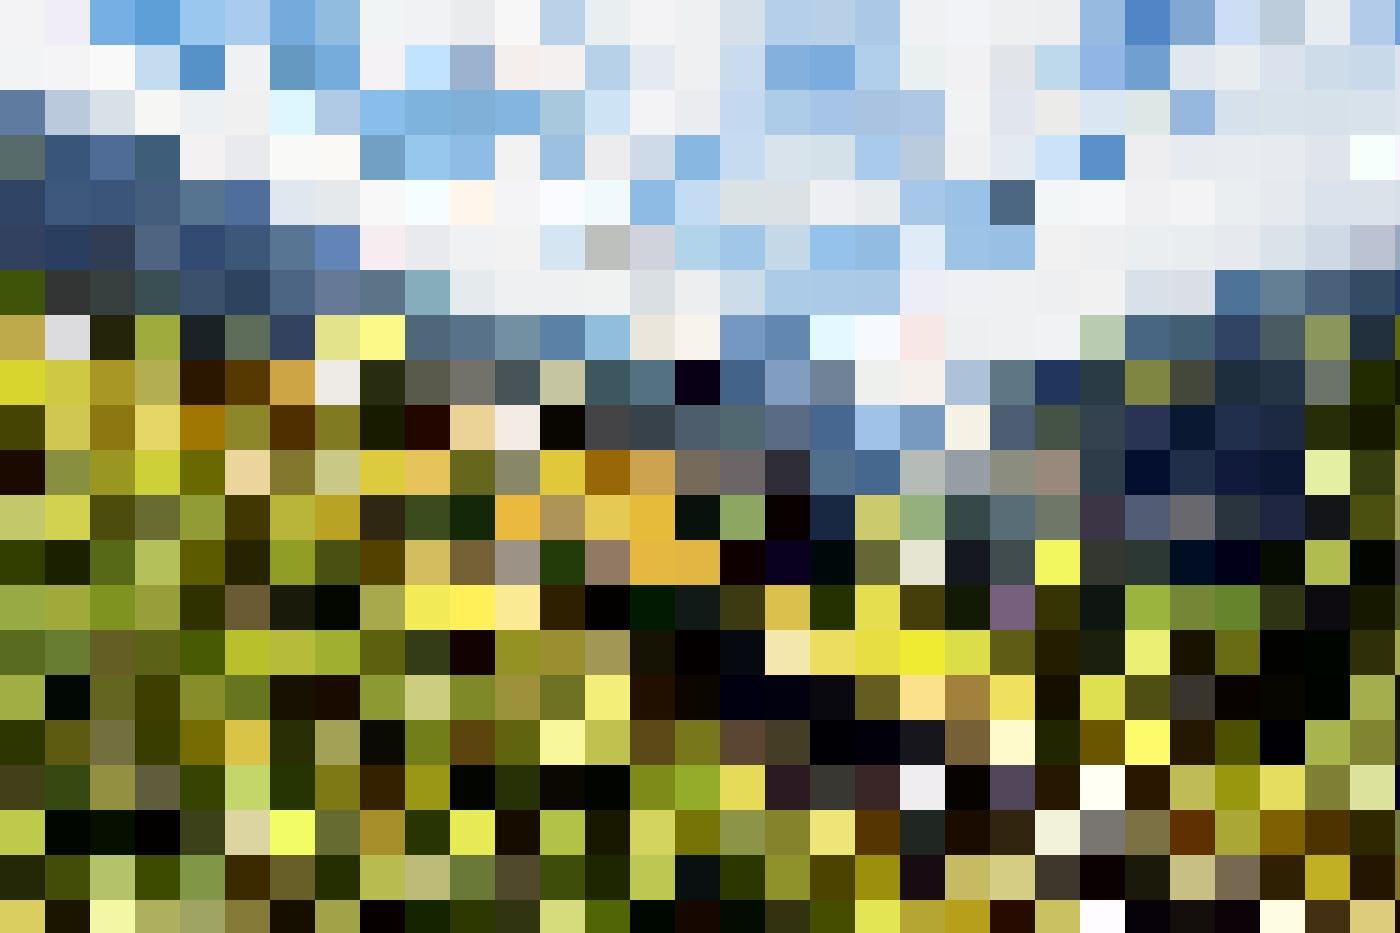 Mit der Wengerenalp druch Wiesen mit leuchtende Alpenblumen und ab und zu ein Murmeltier, das unter lauten Pfiffen in einem Erdloch verschwindet.